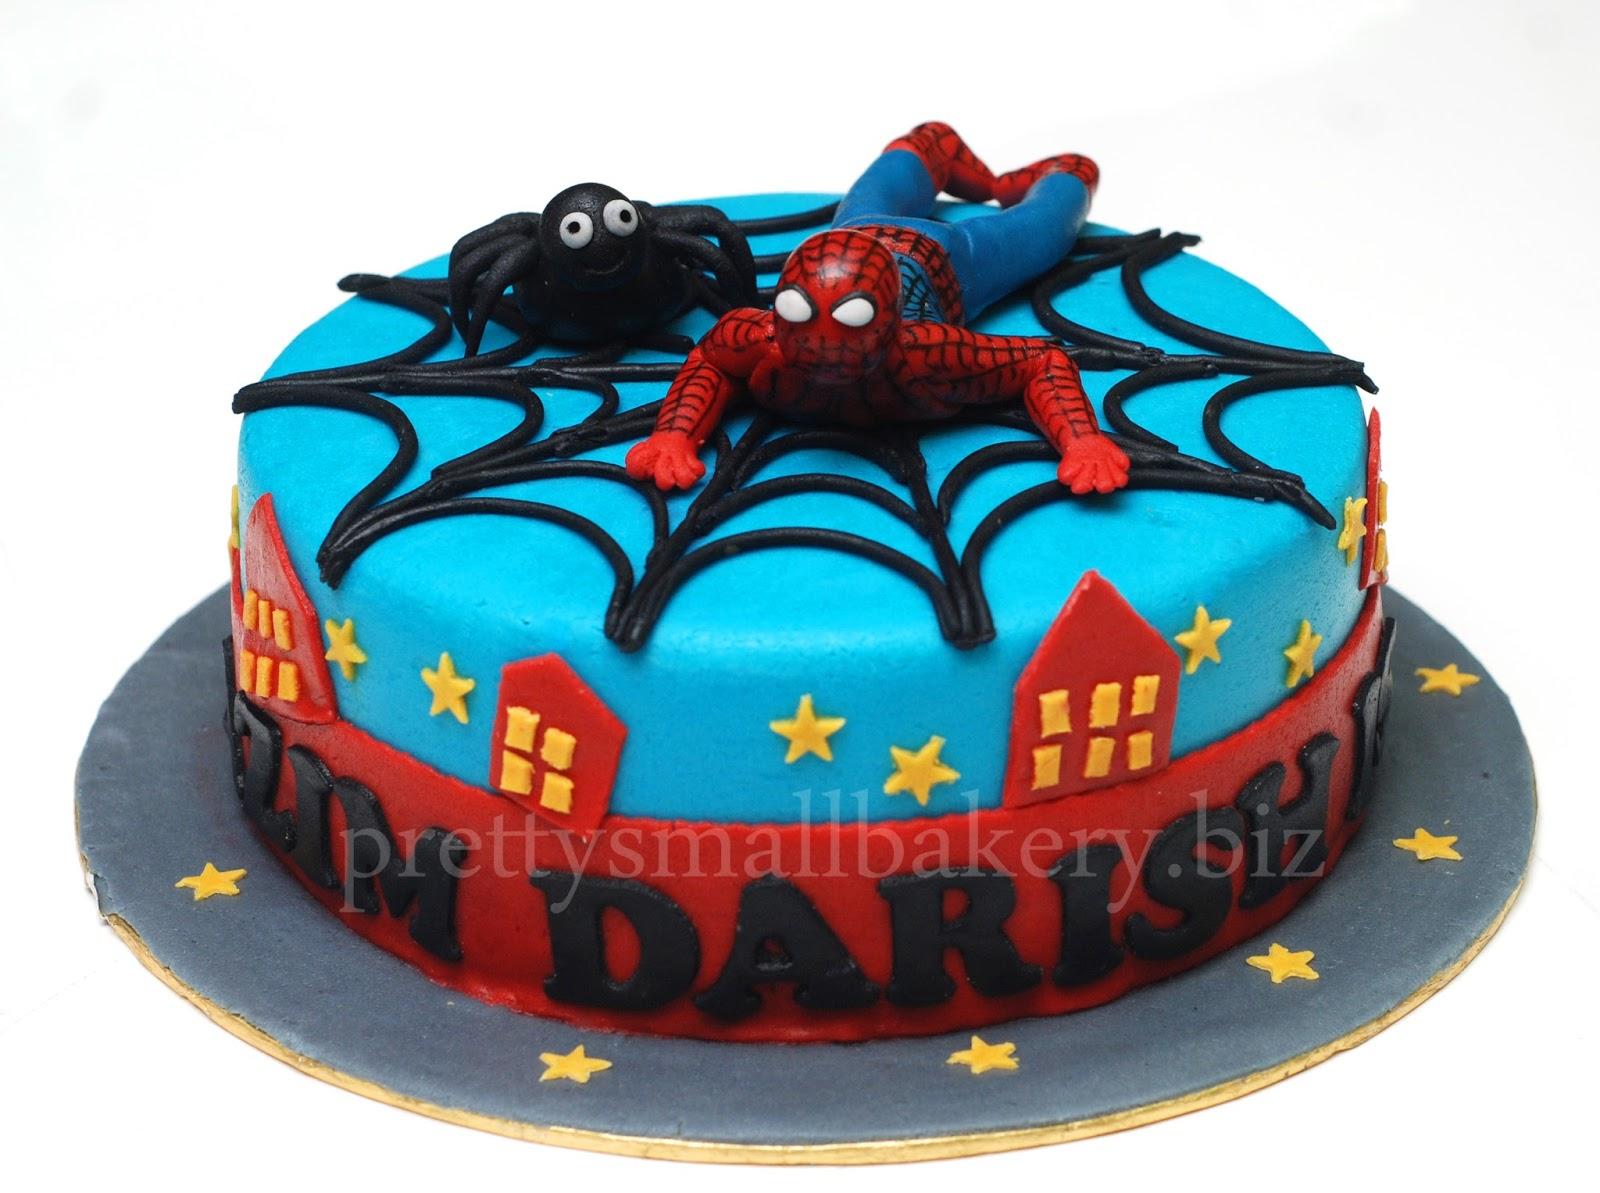 Kek Birthday Spiderman Prettysmallbakery